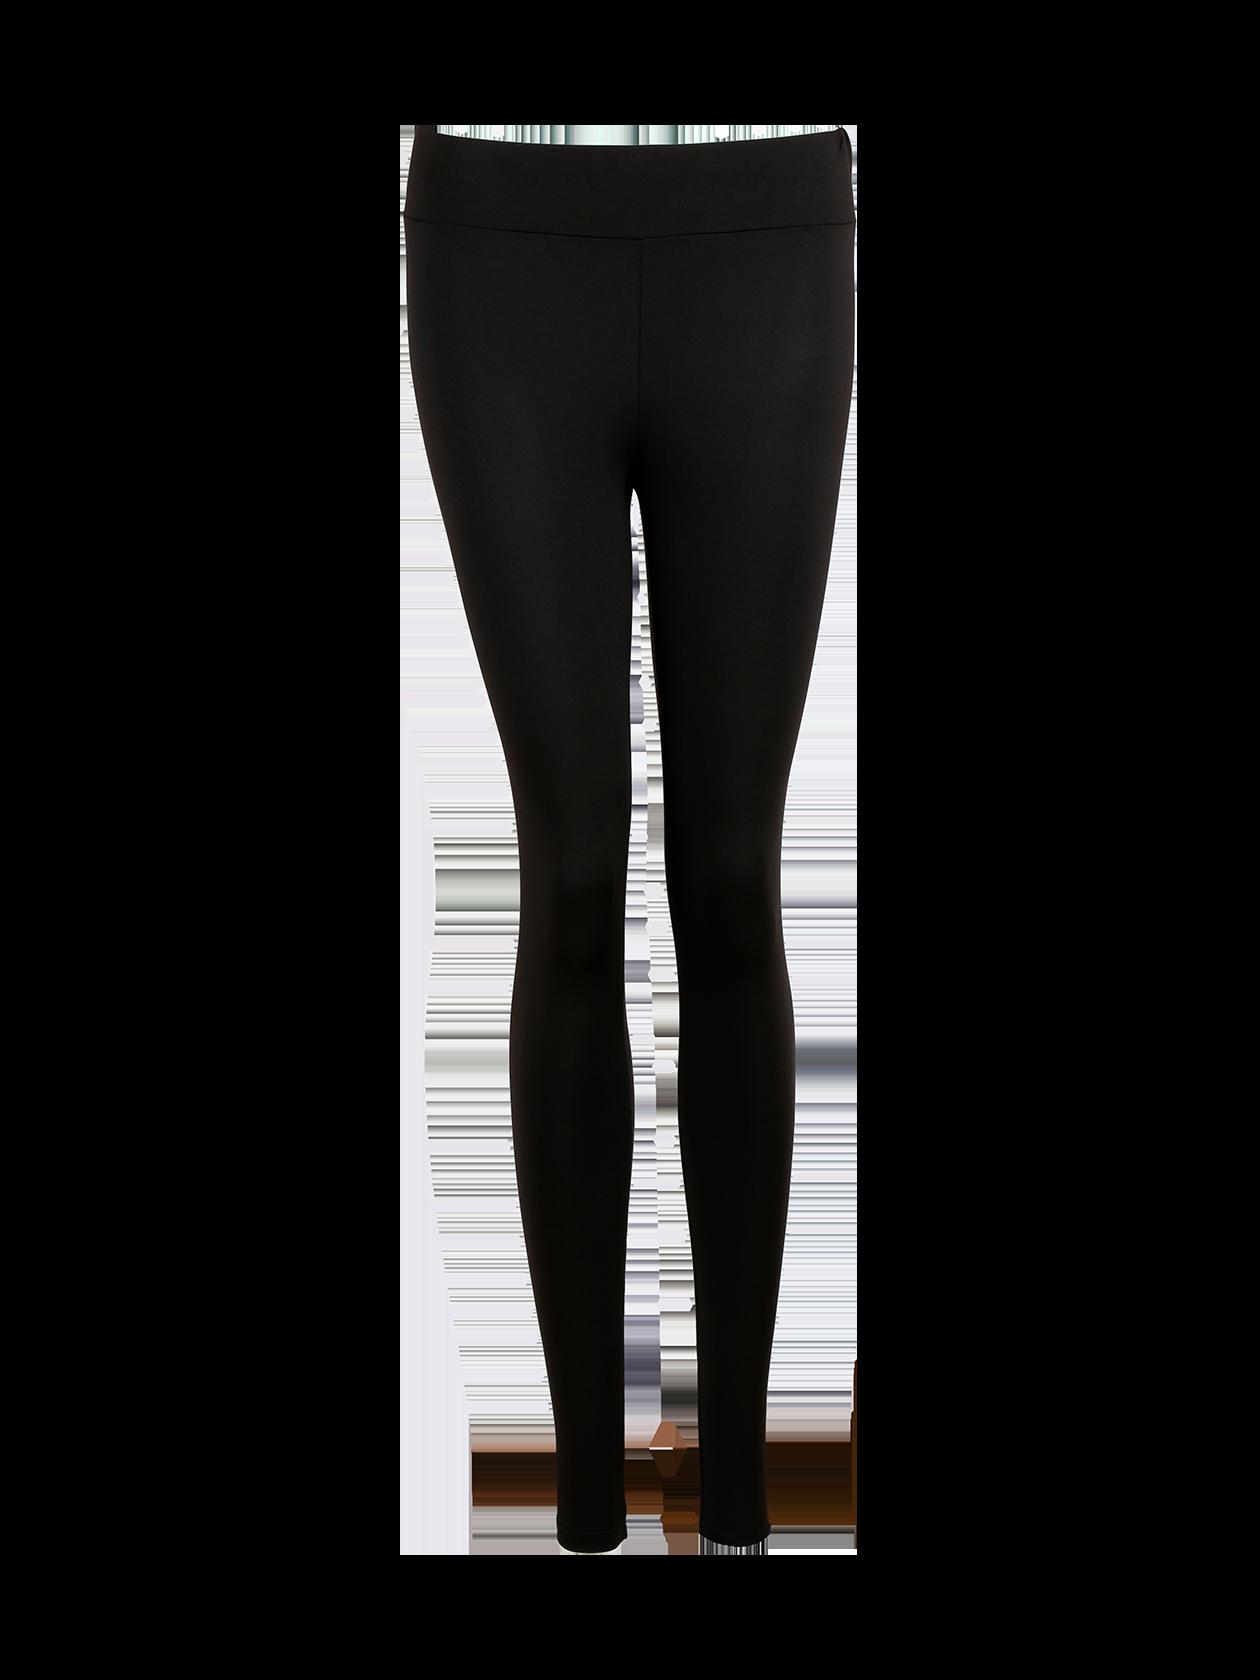 Леггинсы женские BLACK CLASSICЛеггинсы женские Black Classic из новой линии одежды Basic – оптимальное решение для создания повседневного стиля. Лаконичный дизайн, практичная черная расцветка позволяют сочетать вещь практически с любой одеждой. Модель облегающего кроя дополнена широким поясом для удобной фиксации изделия по фигуре. Изготовлены из высококачественного износостойкого материала, приятного к телу. На левой штанине по нижнему краю оформлена жаккардовая нашивка с эмблемой Black Star Wear. Подходят для любого сезона.<br><br>Размер: M<br>Цвет: Черный<br>Пол: Женский